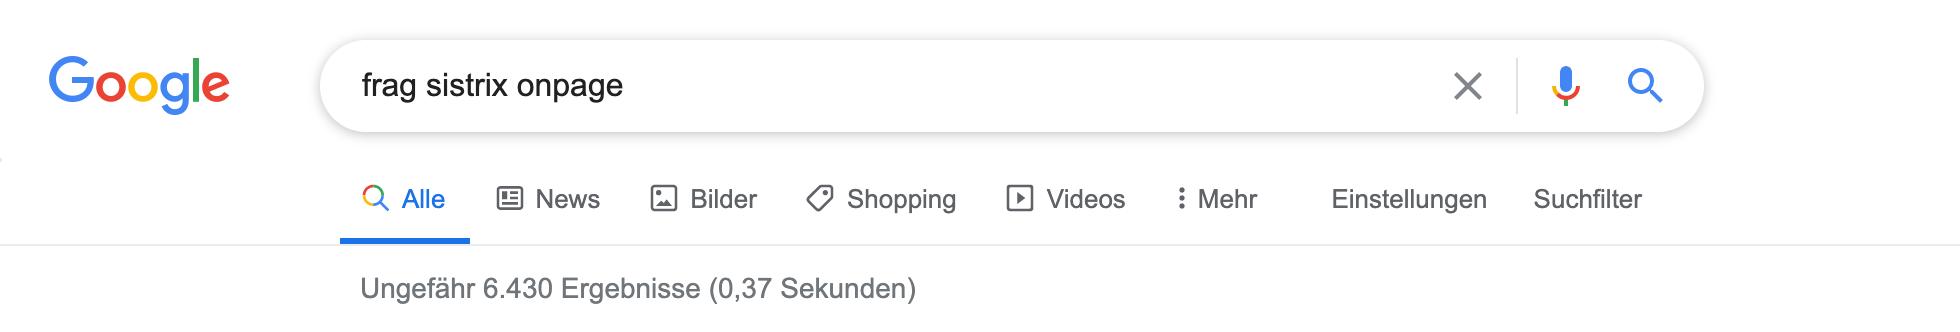 """Zeigt eine Beispiel-Google-Suche für das Keyword """"frag sistrix onpage"""" ohne Anführungszeichen an."""